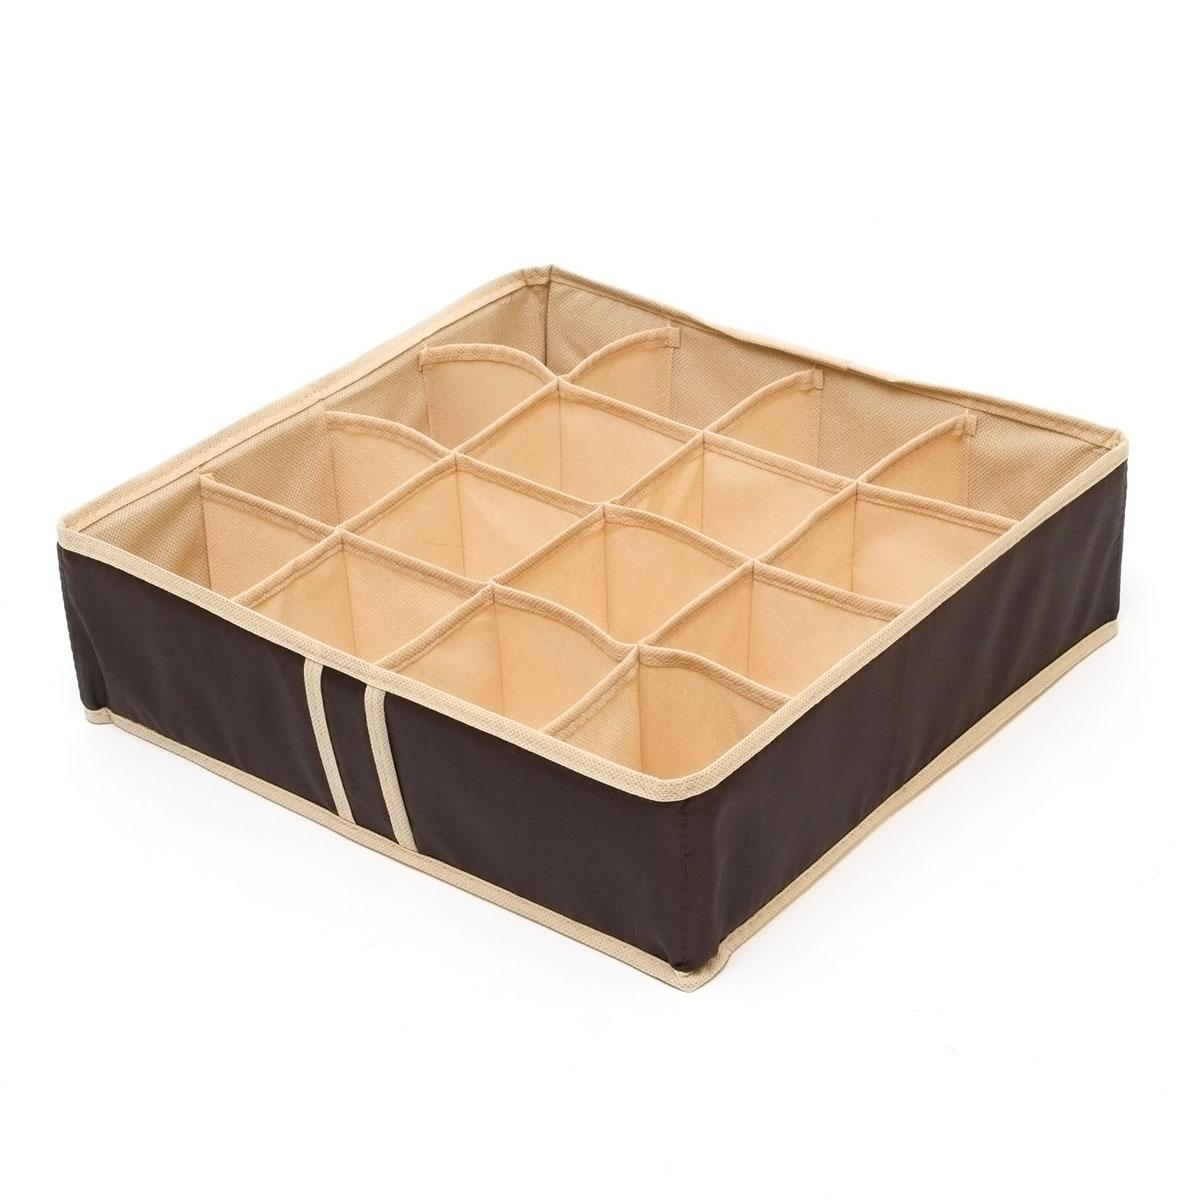 Органайзер для хранения вещей Homsu Costa-Rica, 16 секций, 35 x 35 x 10 смHOM-44Компактный органайзер Homsu Costa-Rica изготовлен из высококачественного полиэстера, который обеспечивает естественную вентиляцию. Материал позволяет воздуху свободно проникать внутрь, но не пропускает пыль. Органайзер отлично держит форму, благодаря вставкам из плотного картона. Изделие имеет 16 квадратных секций для хранения нижнего белья, колготок, носков и другой одежды.Такой органайзер позволит вам хранить вещи компактно и удобно.